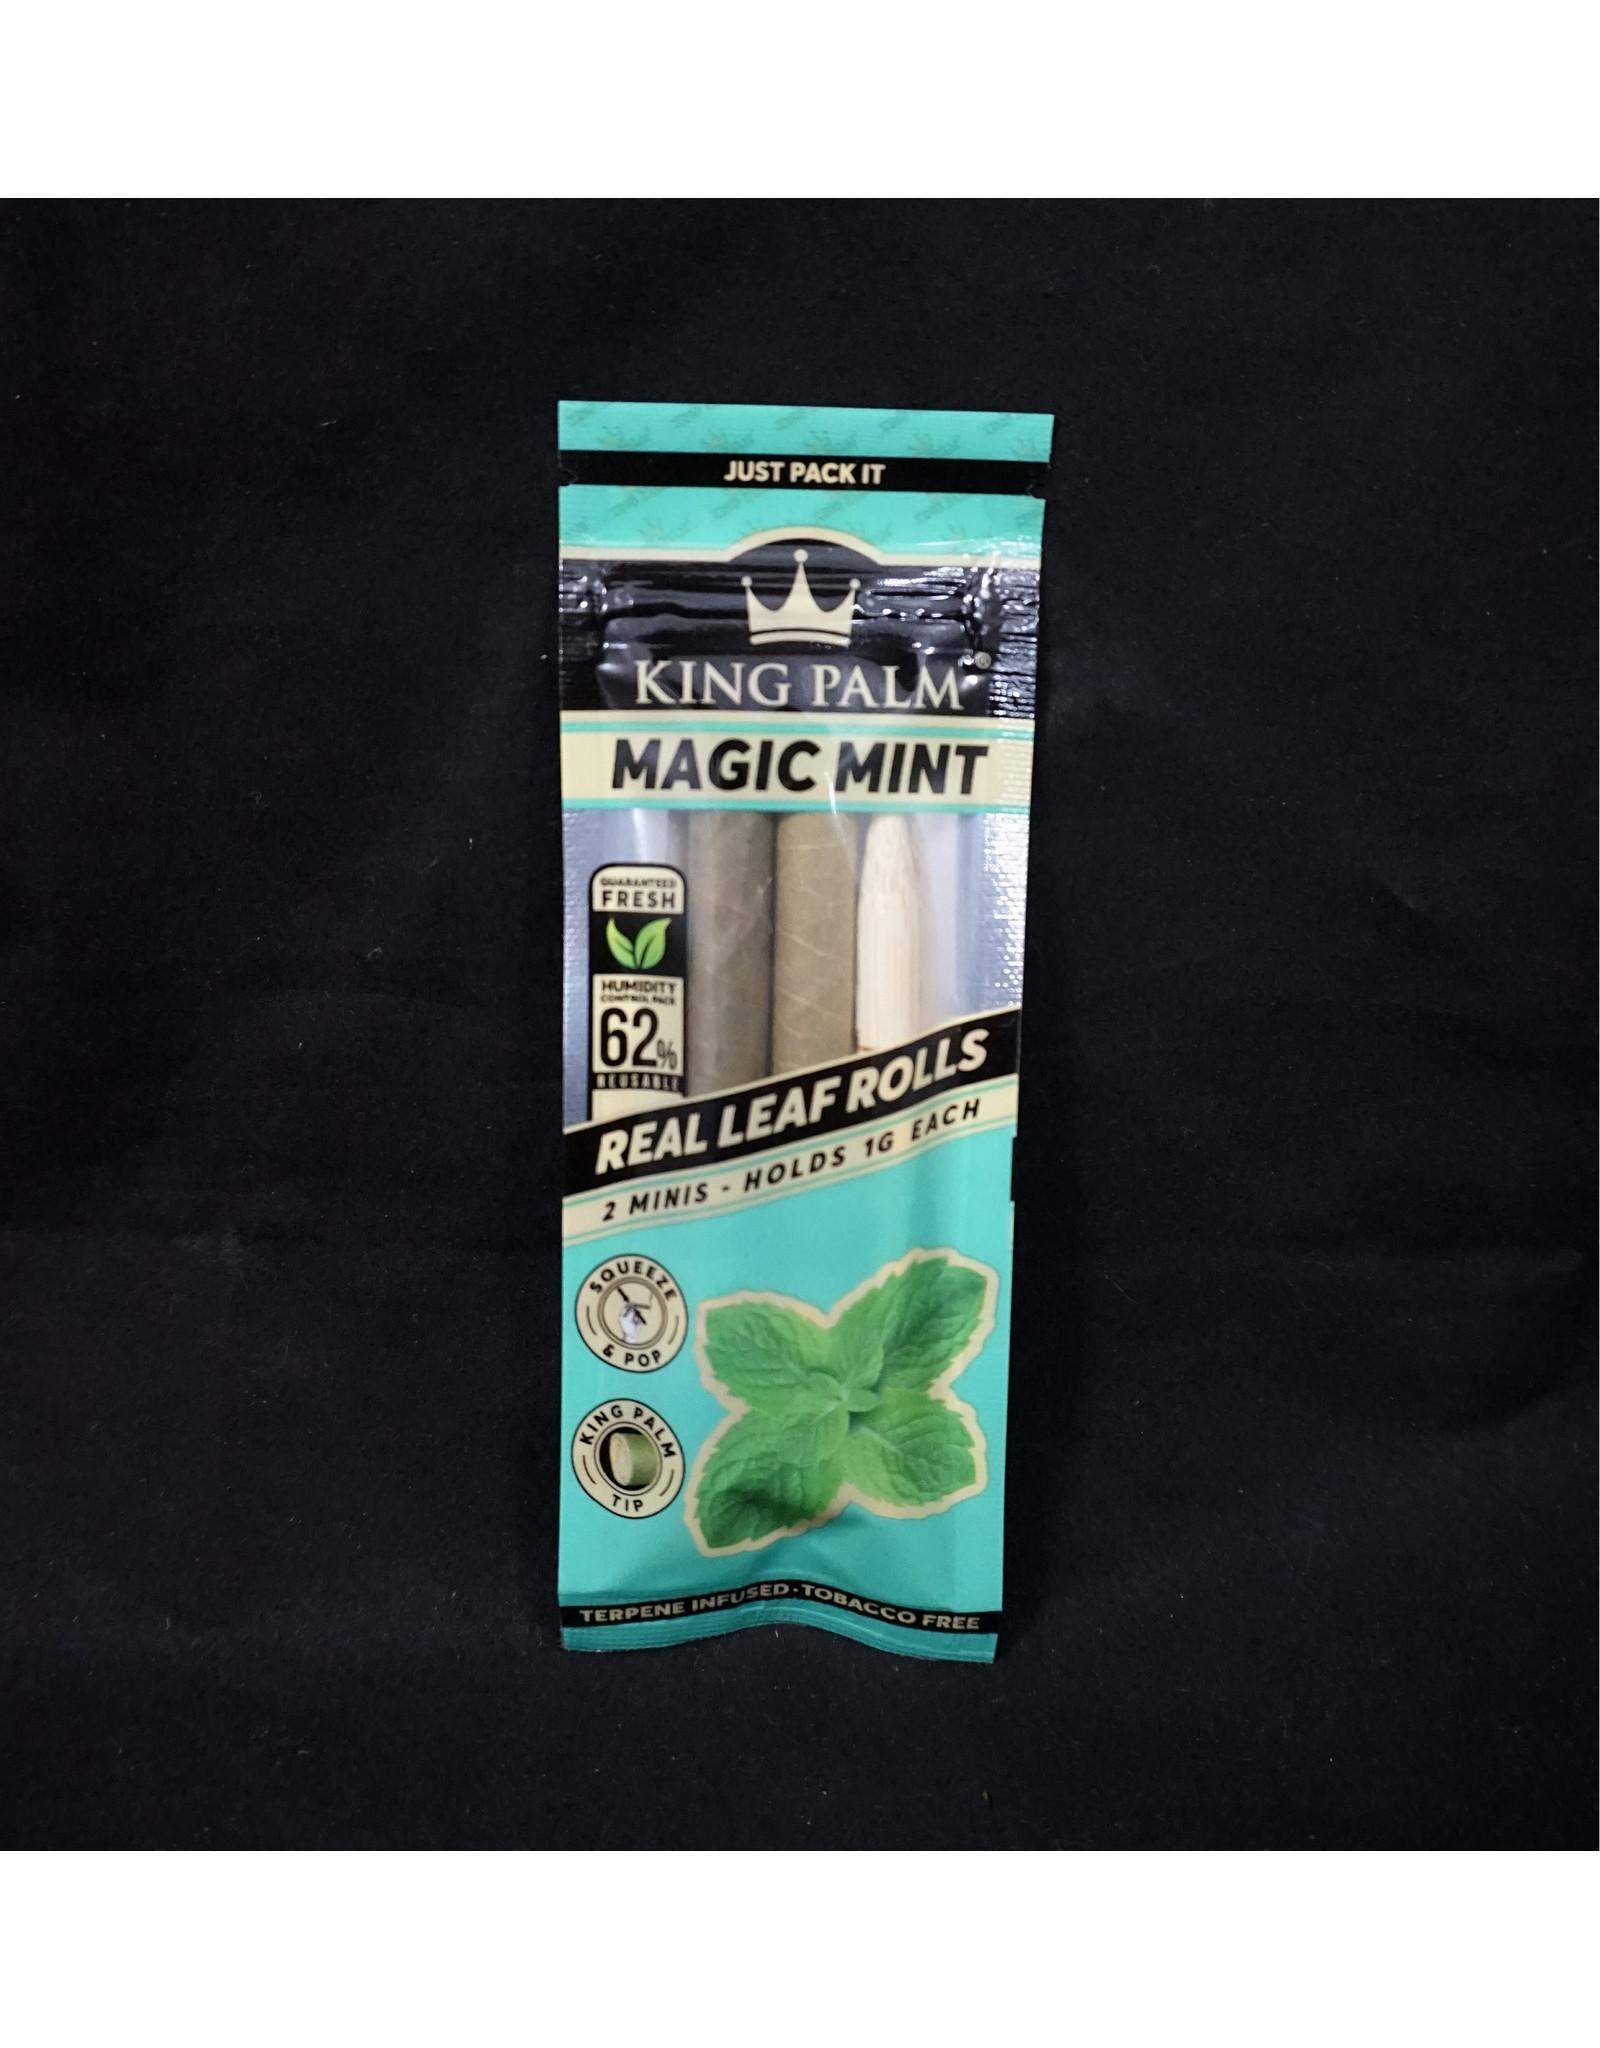 King Palm King Palm Pre-Roll Wraps - 2pk Mini Magic Mint